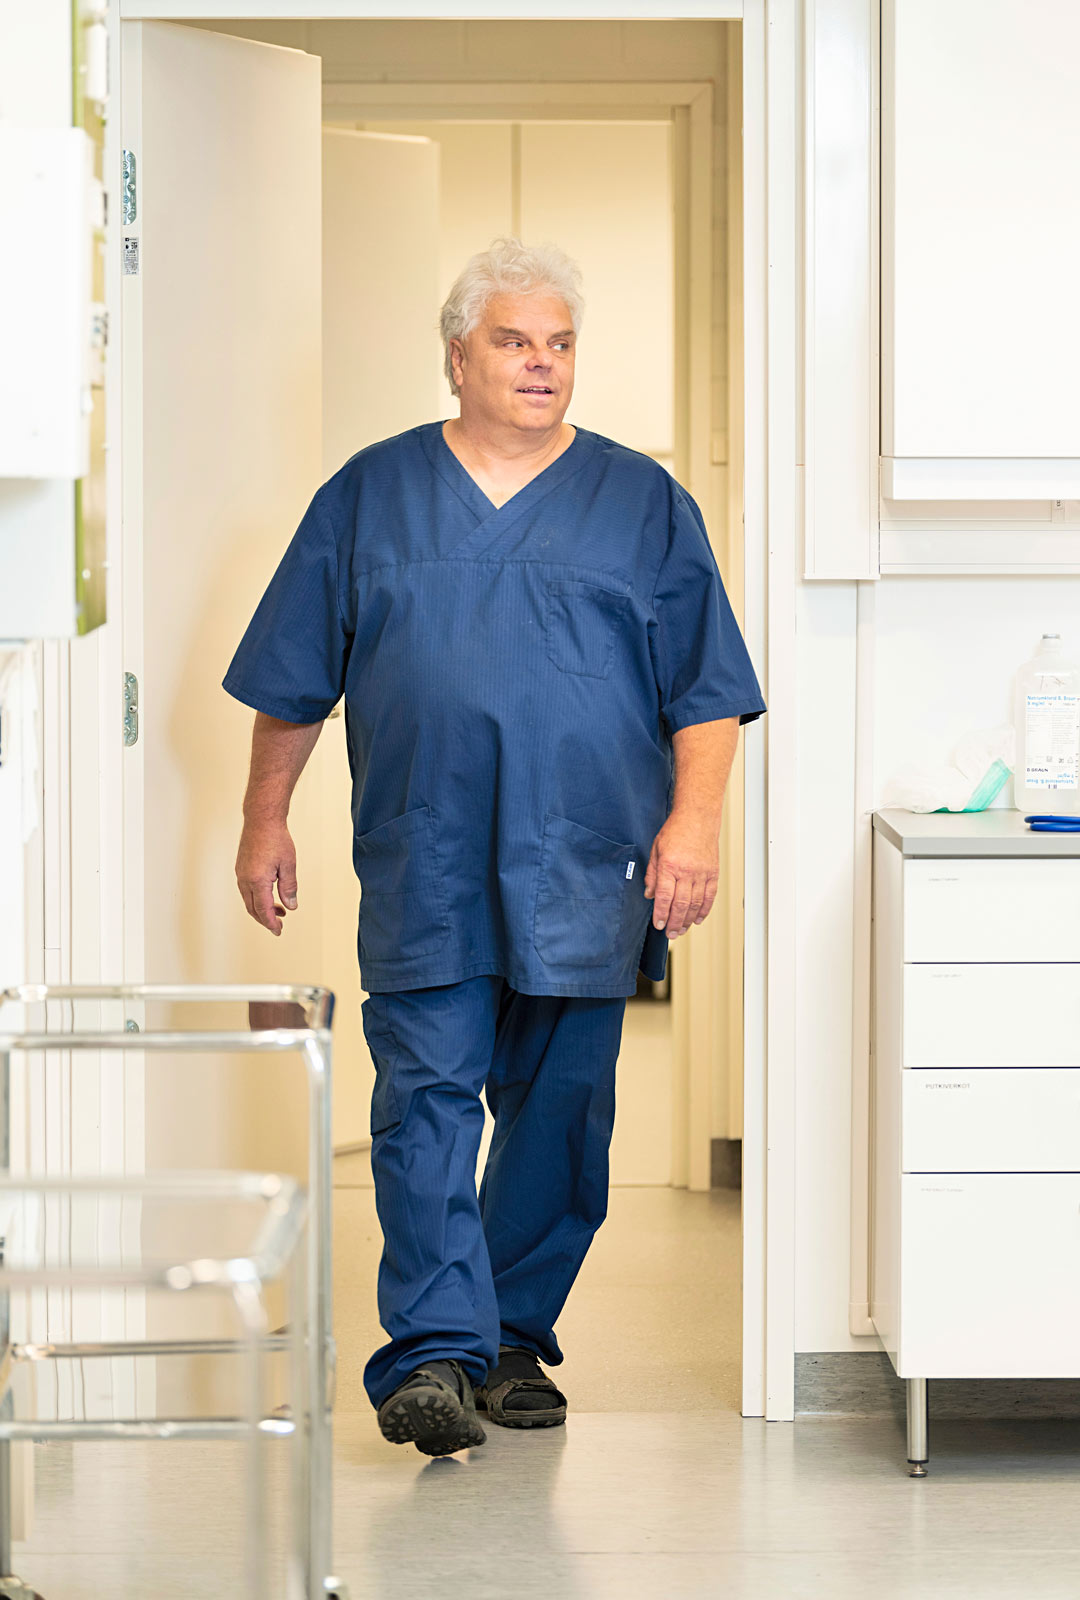 Eläinlääkäri Pekka Sarkanen palkittiin Suomen luonnonluojeluliiton ympäristöpalkinnolla vapaaehtoistyöstään saimaannorpan suojelemiseksi.